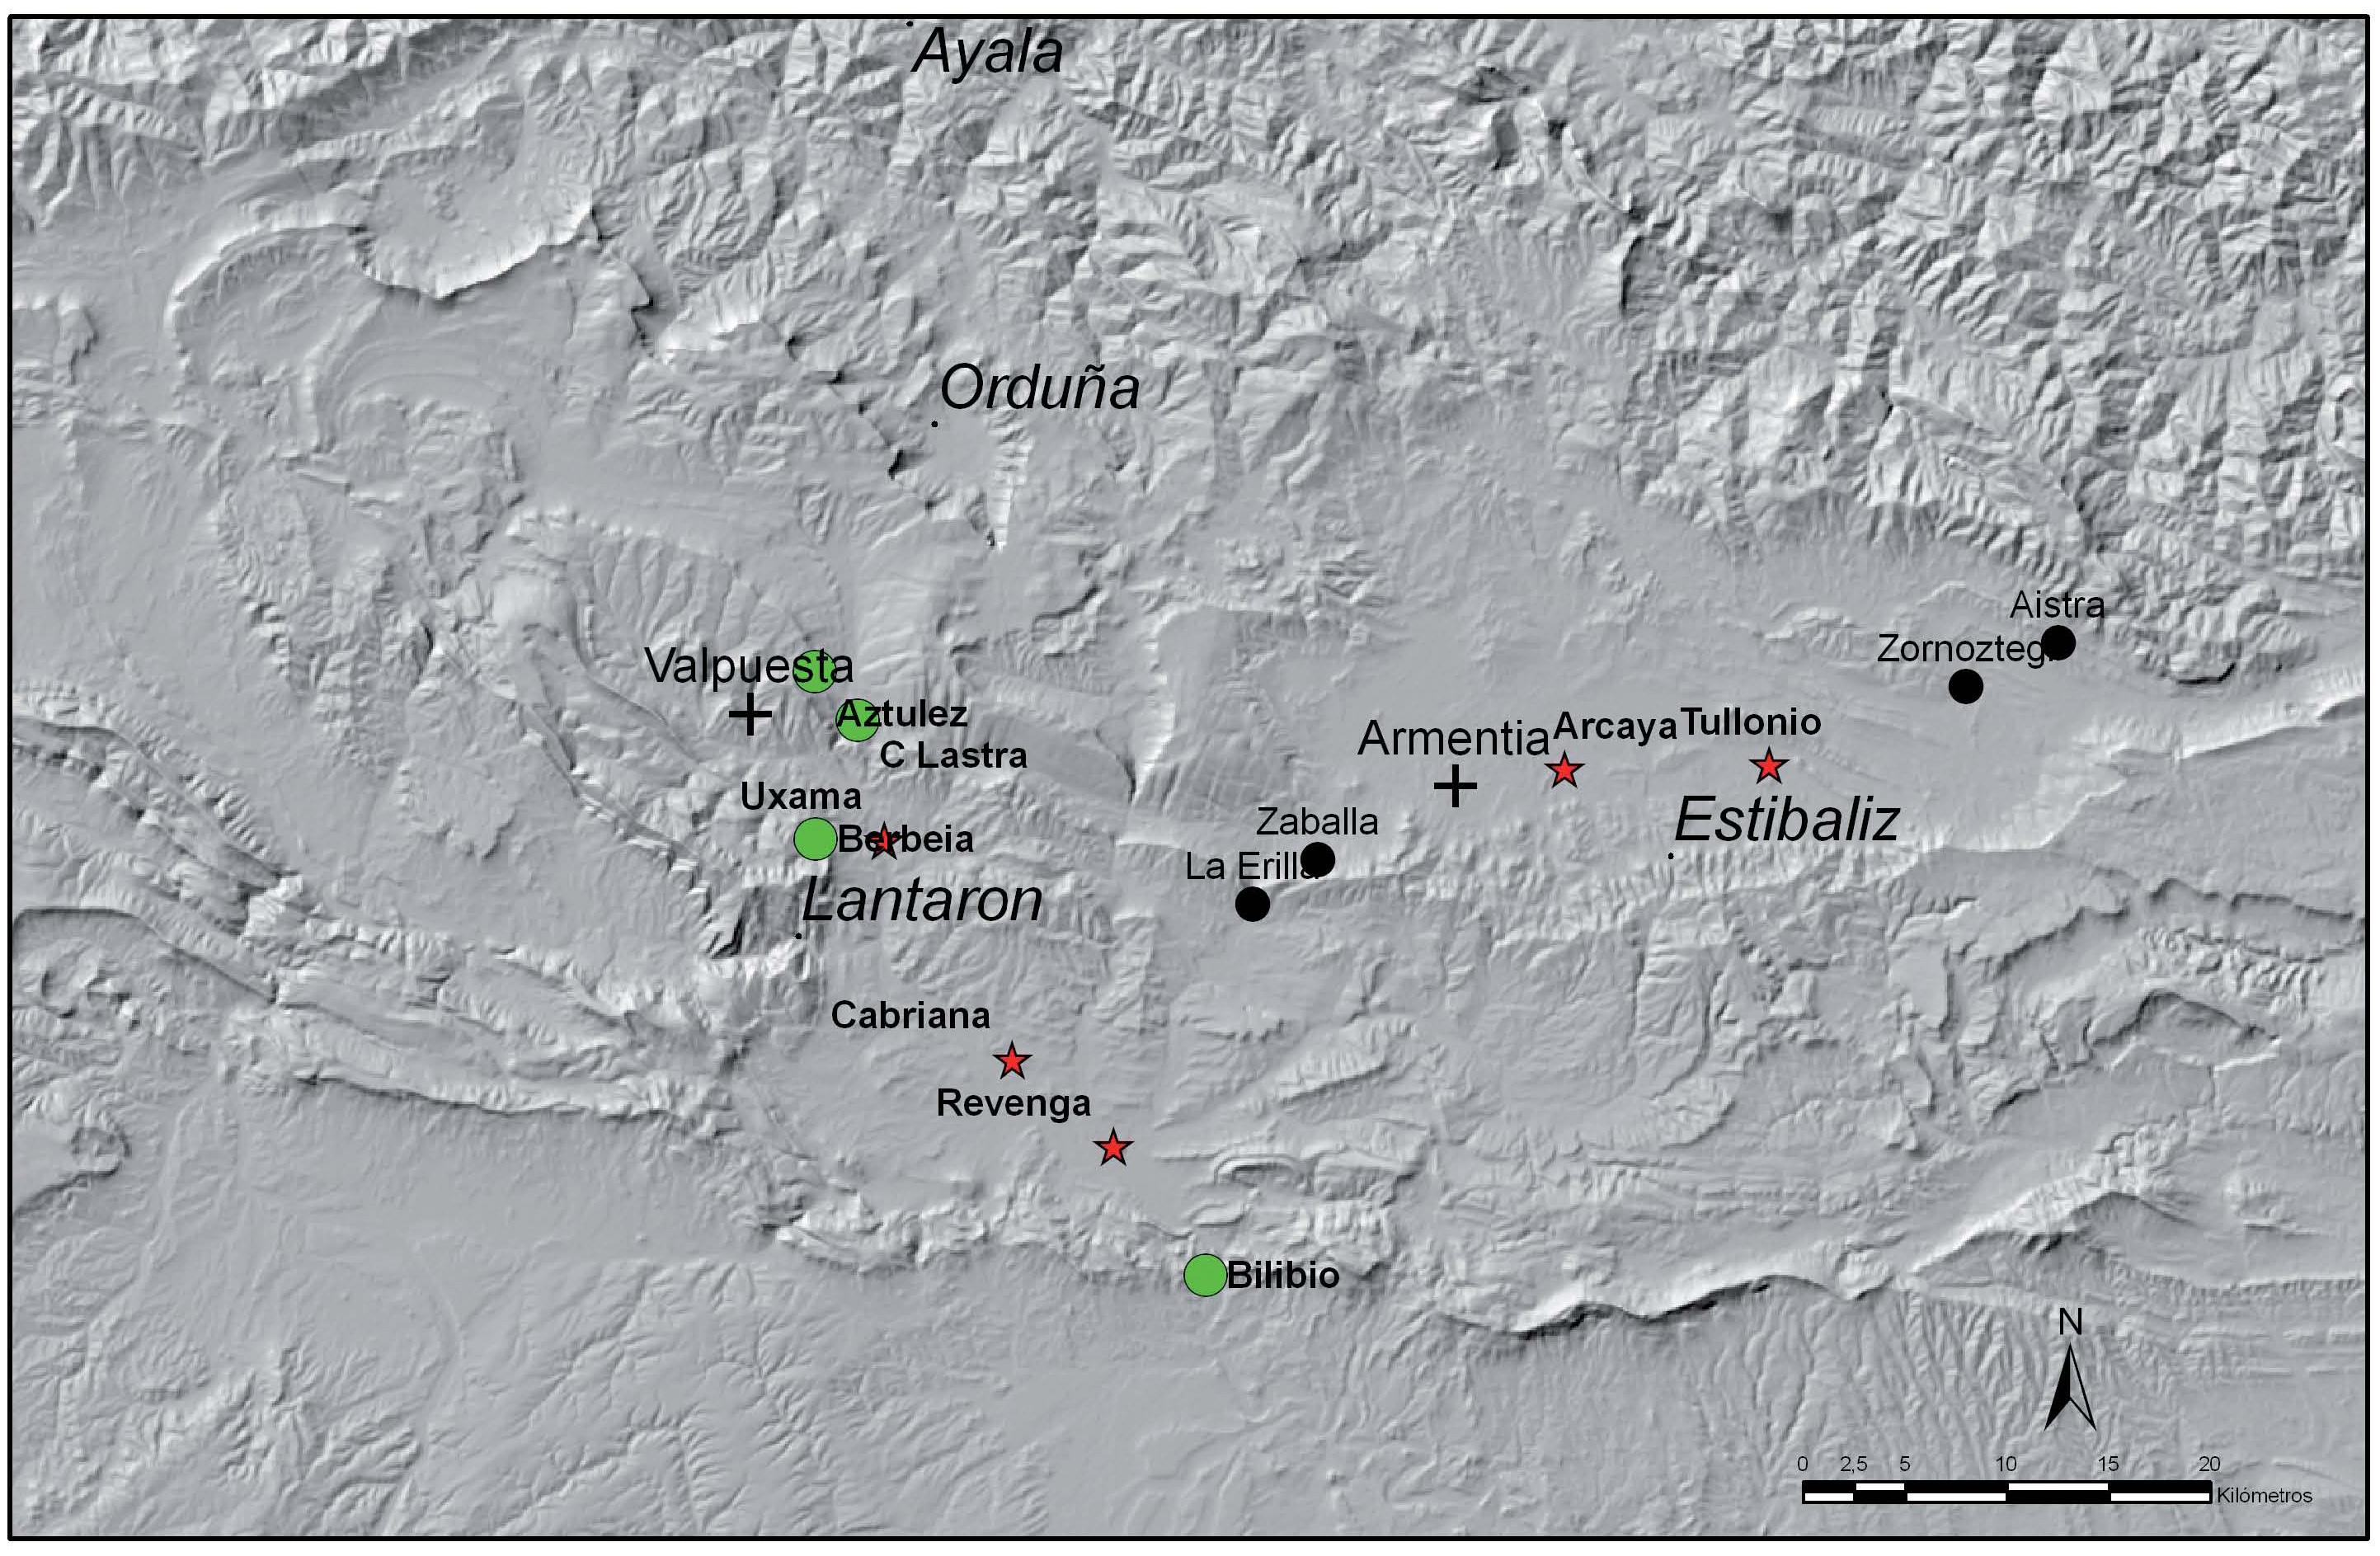 Velocità datazione Moreno Valle